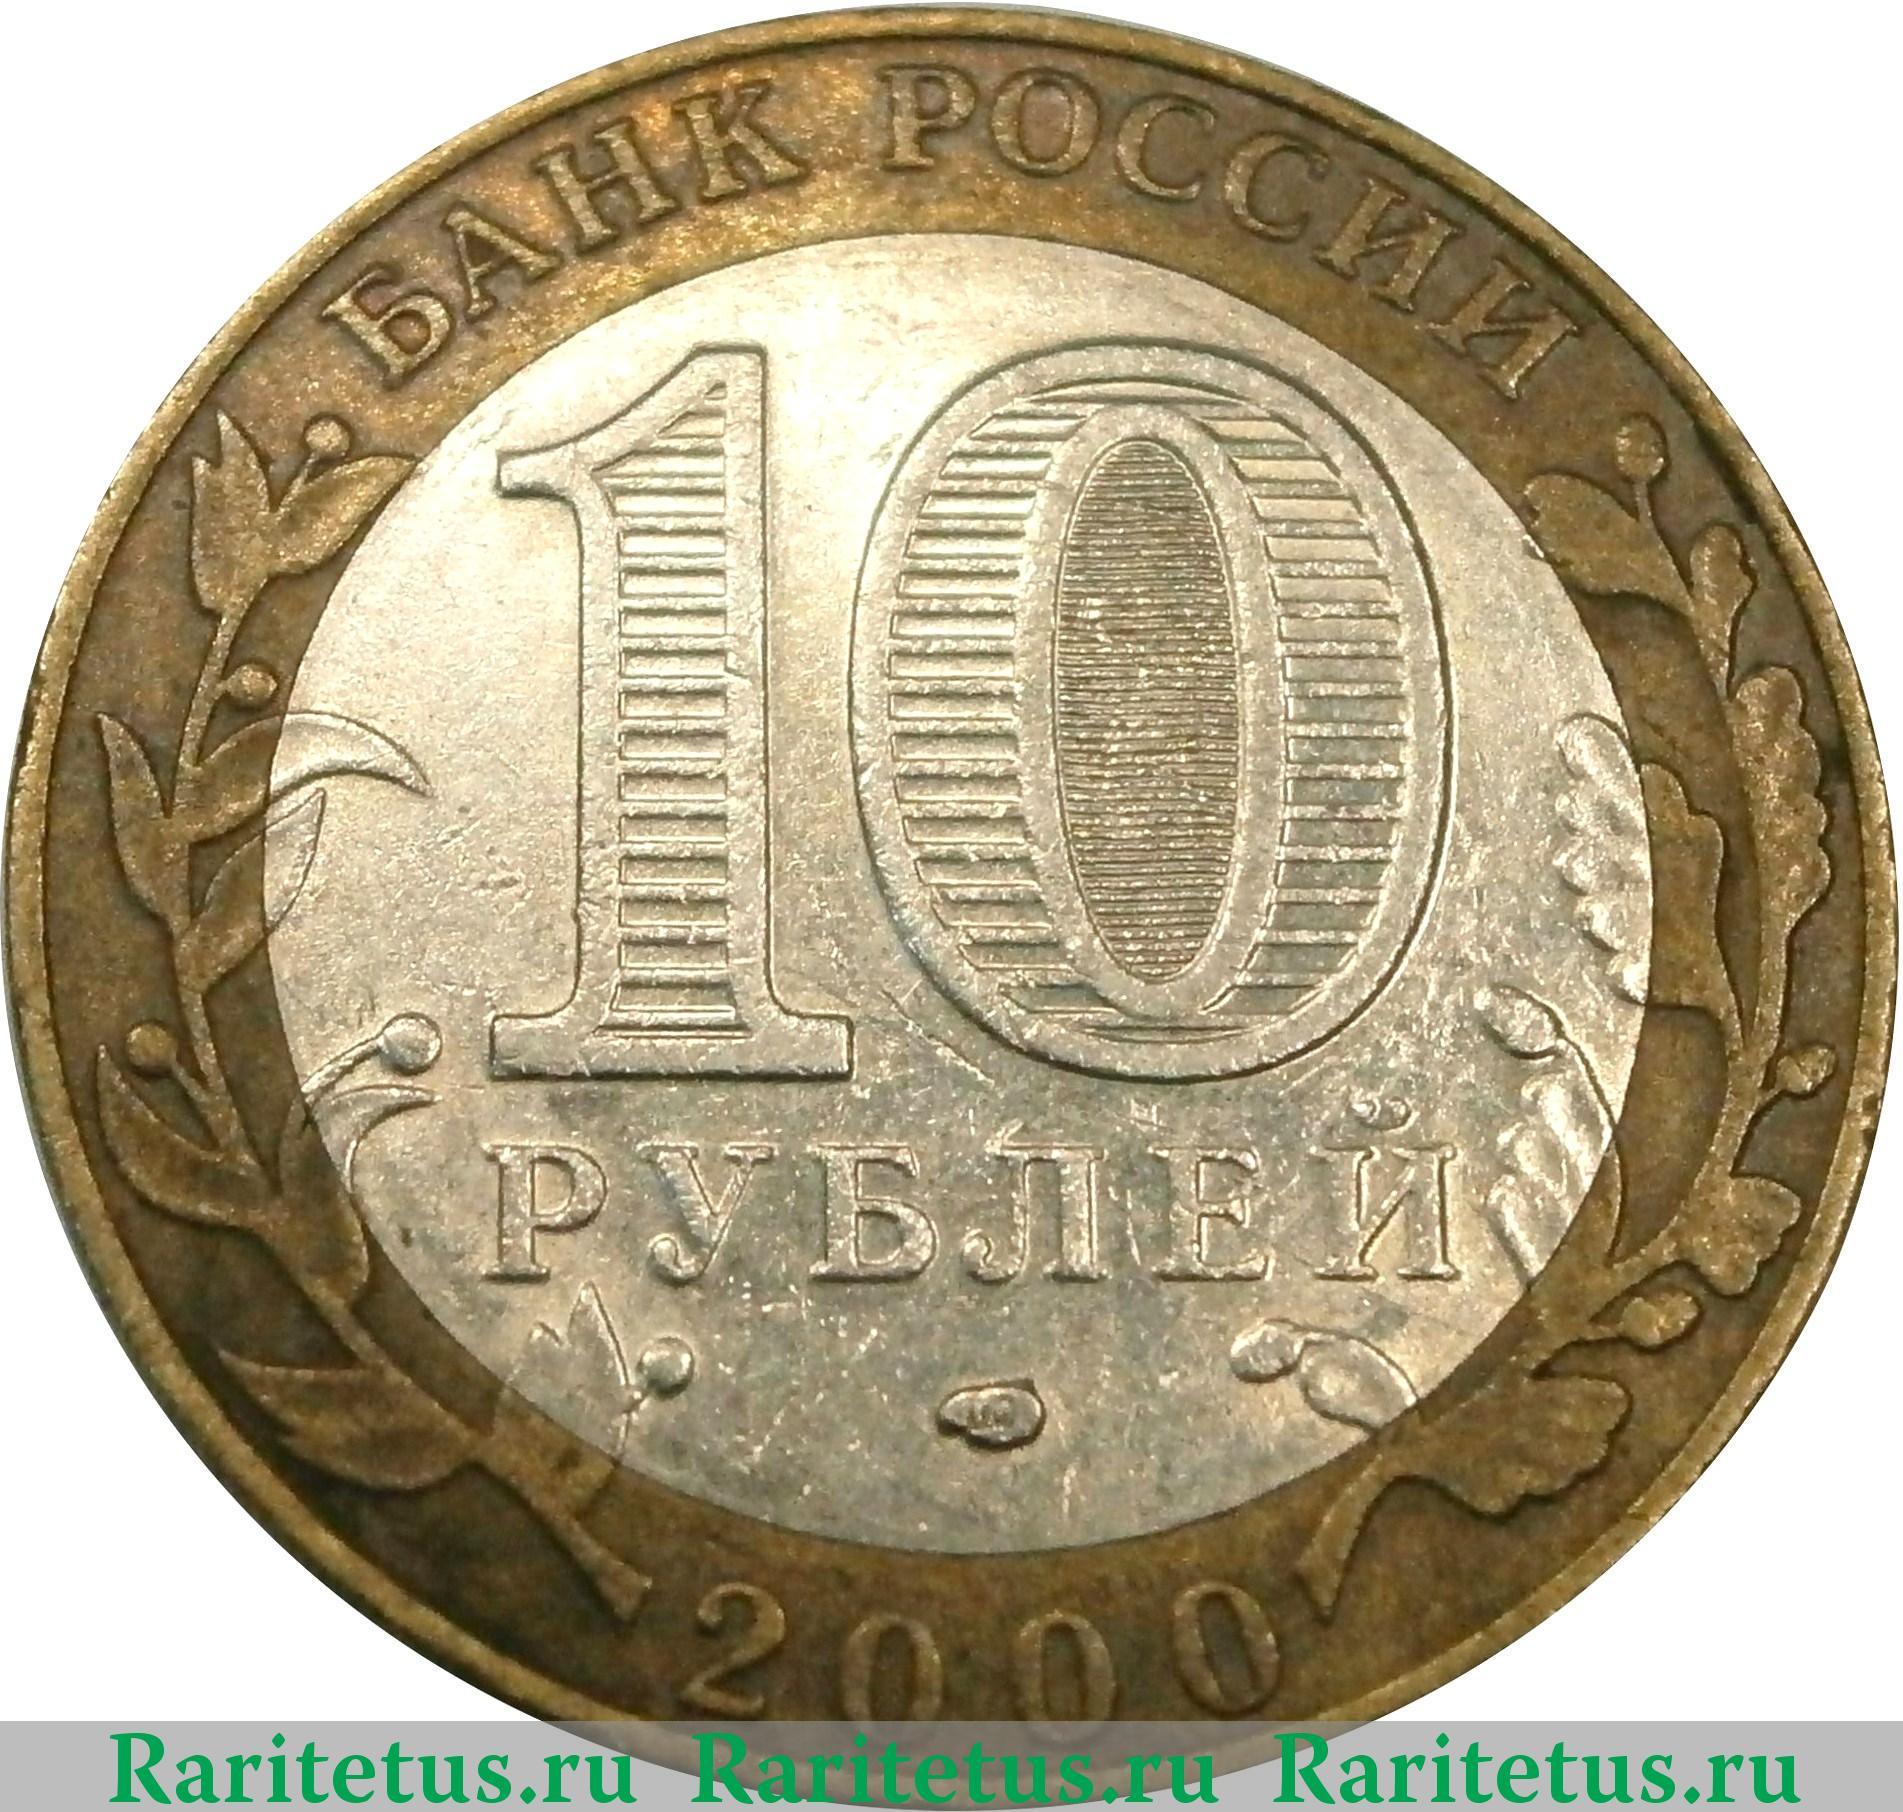 Юбилейные монеты 10 рублей 2000 2016 5 марок 1936 года цена серебро